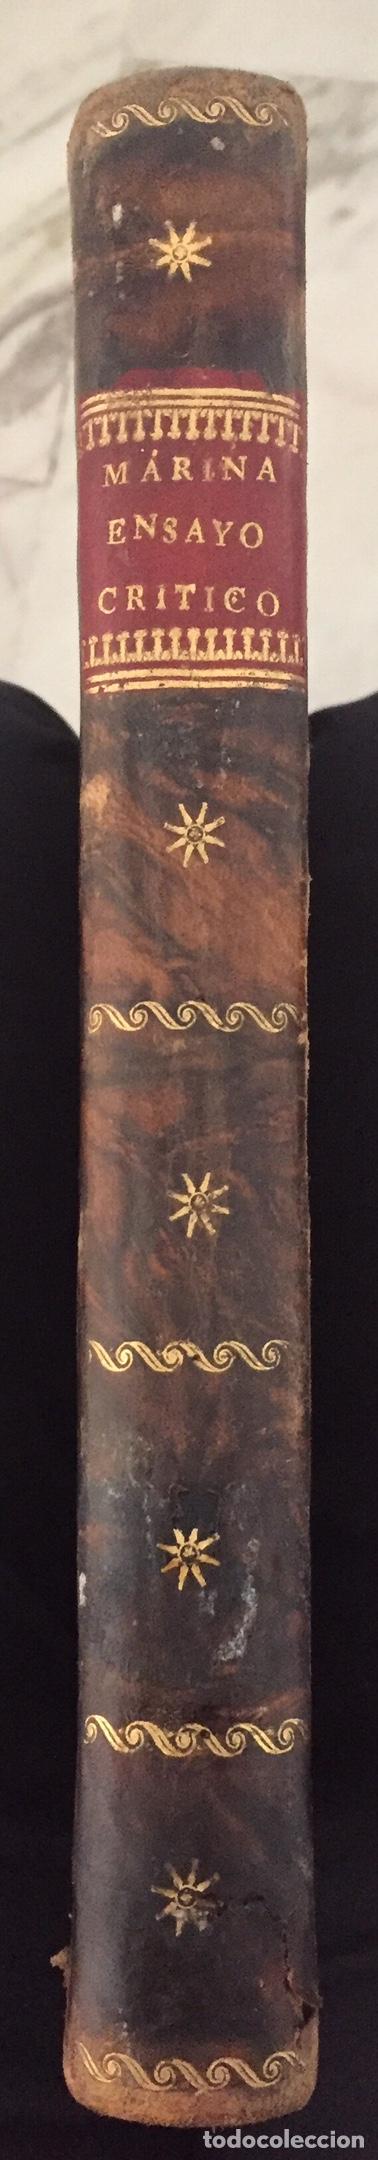 Libros antiguos: ENSAYO HISTORICO-CRITICO SOBRE LA ANTIGUA LEGISLACION Y PRINCIPALES...MARINA (1808) - Foto 11 - 218798608